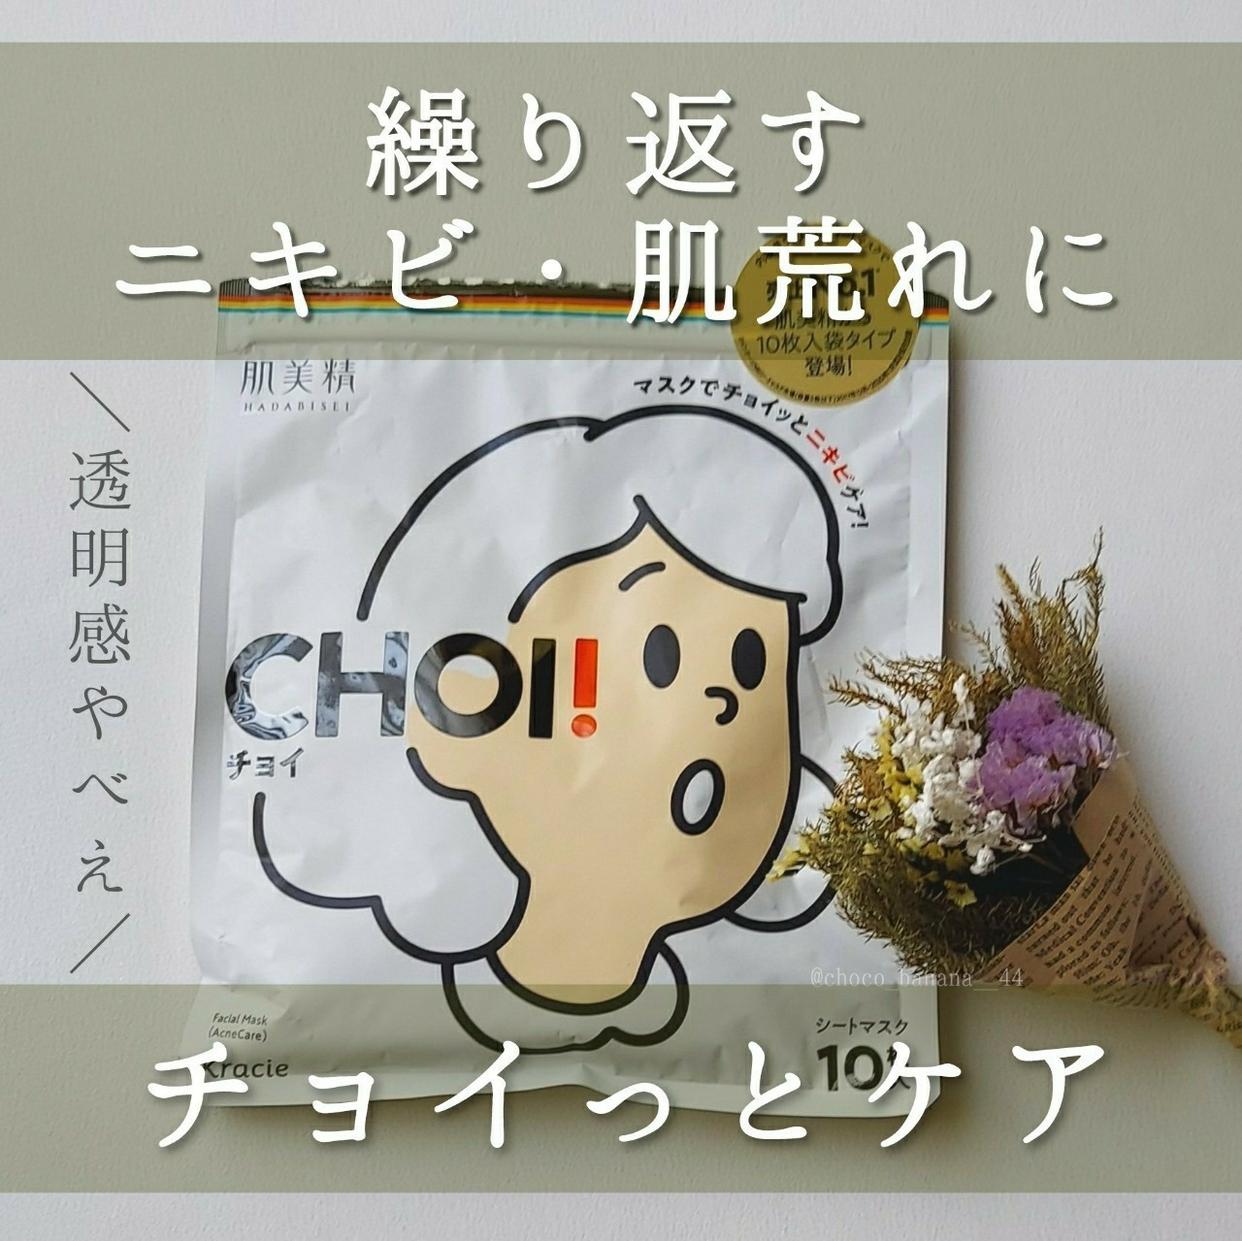 肌美精(HADABISEI) CHOIマスク 薬用ニキビケアを使ったししさんのクチコミ画像1